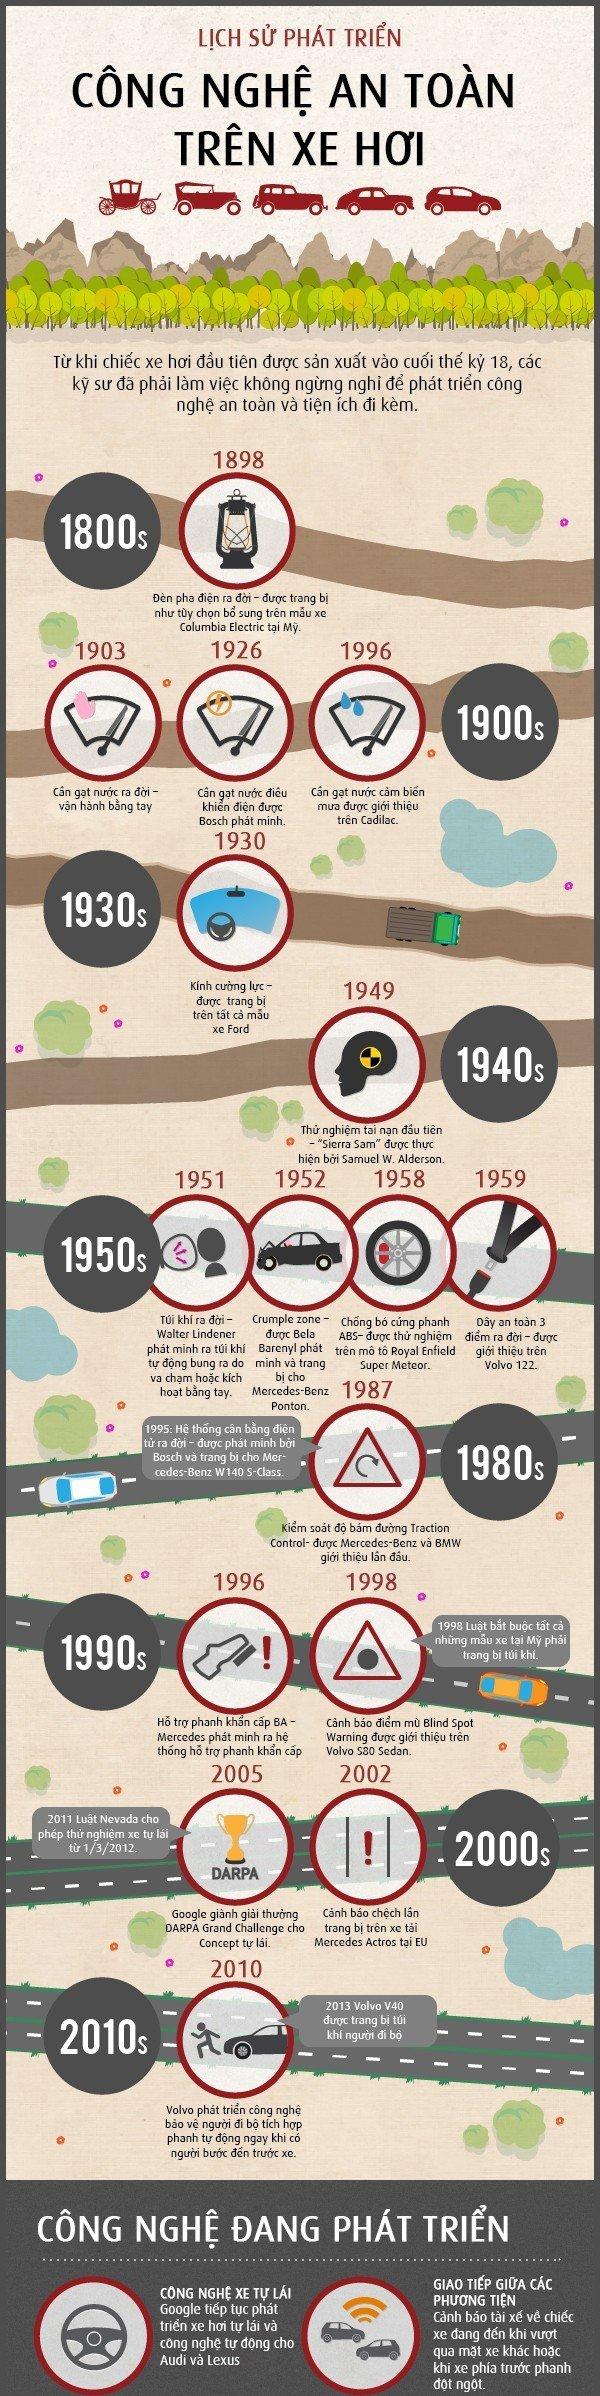 Lịch sử phát triển công nghệ an toàn trên xe hơi